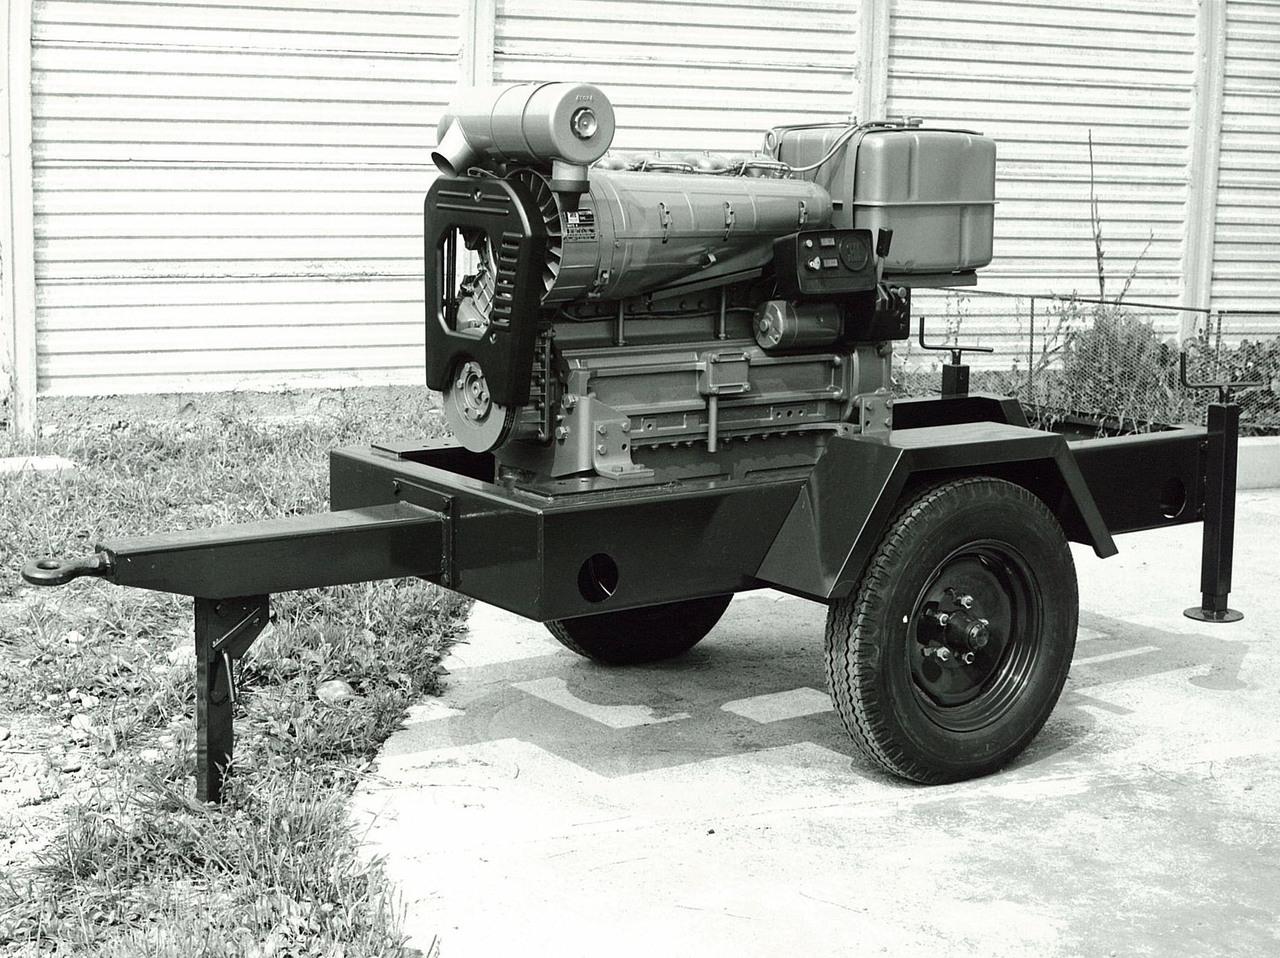 Motore SAME/ADIM serie P per uso industriale - 5 cilindri su carrello